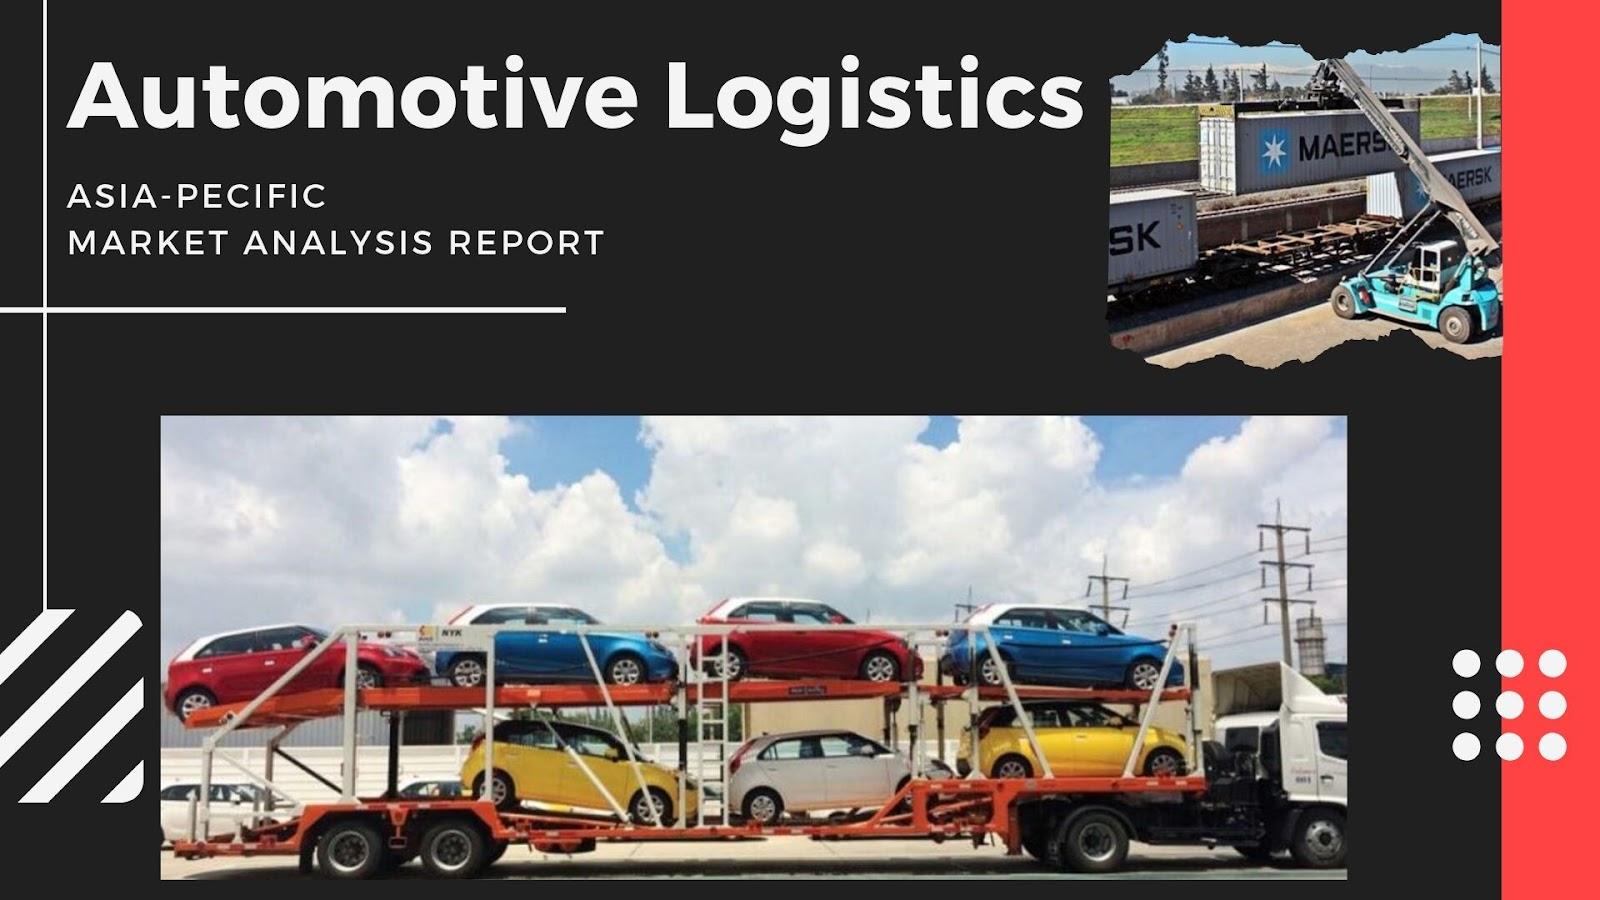 Automotive Logistic Market Outlook